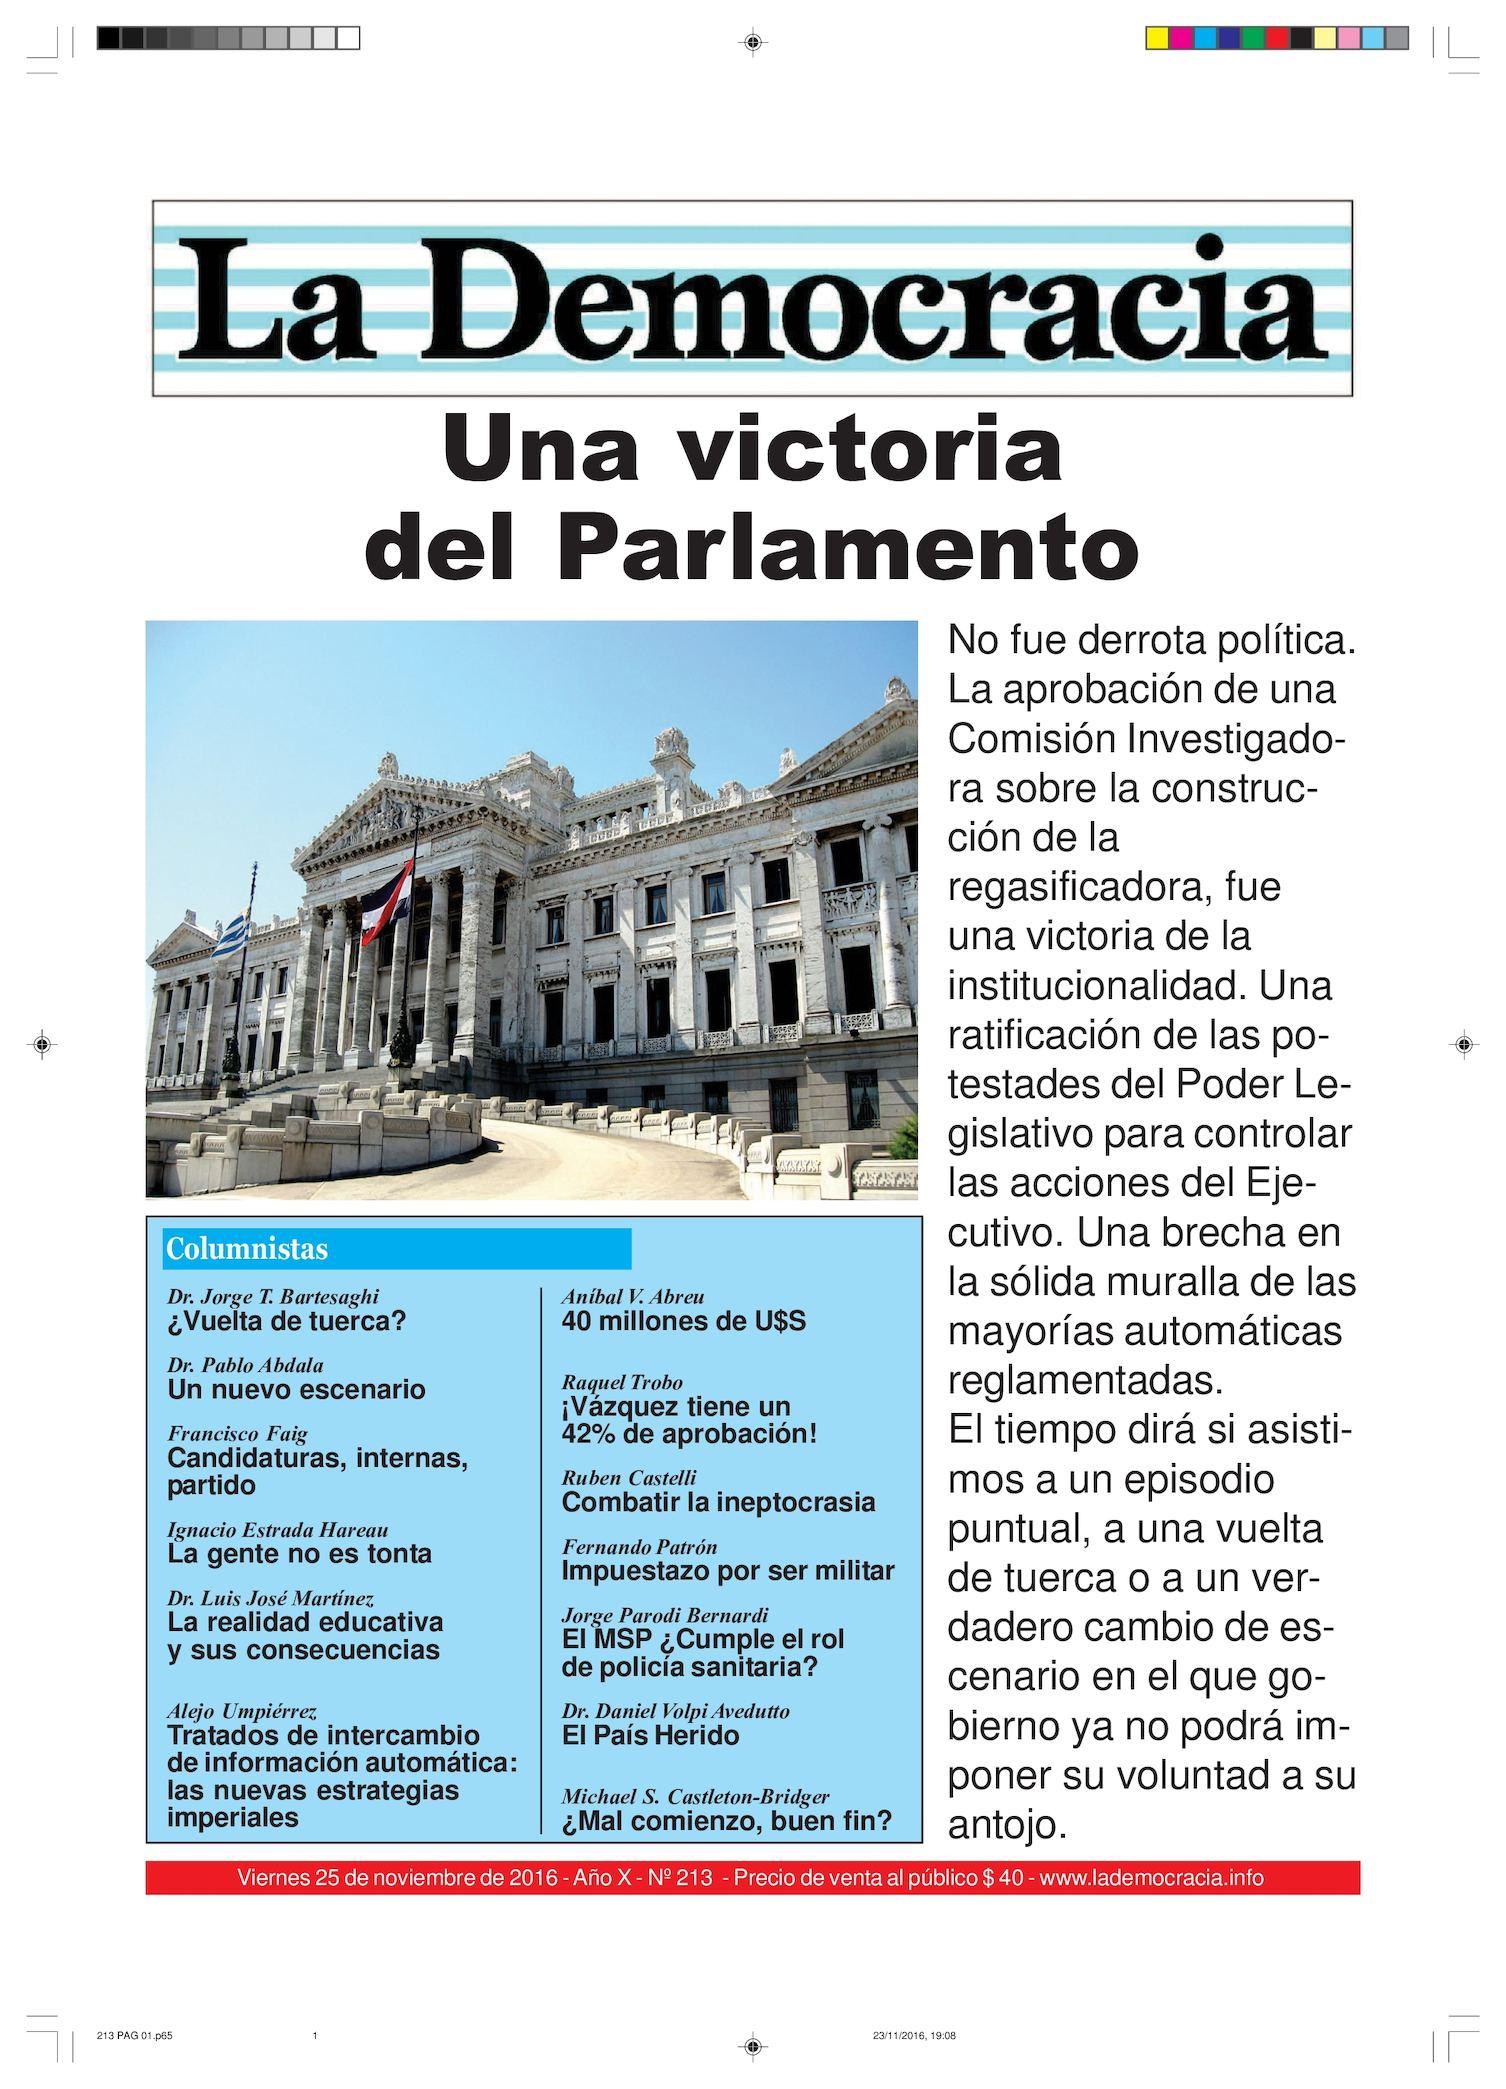 La Democracia - Nº 213 - 25/11/16